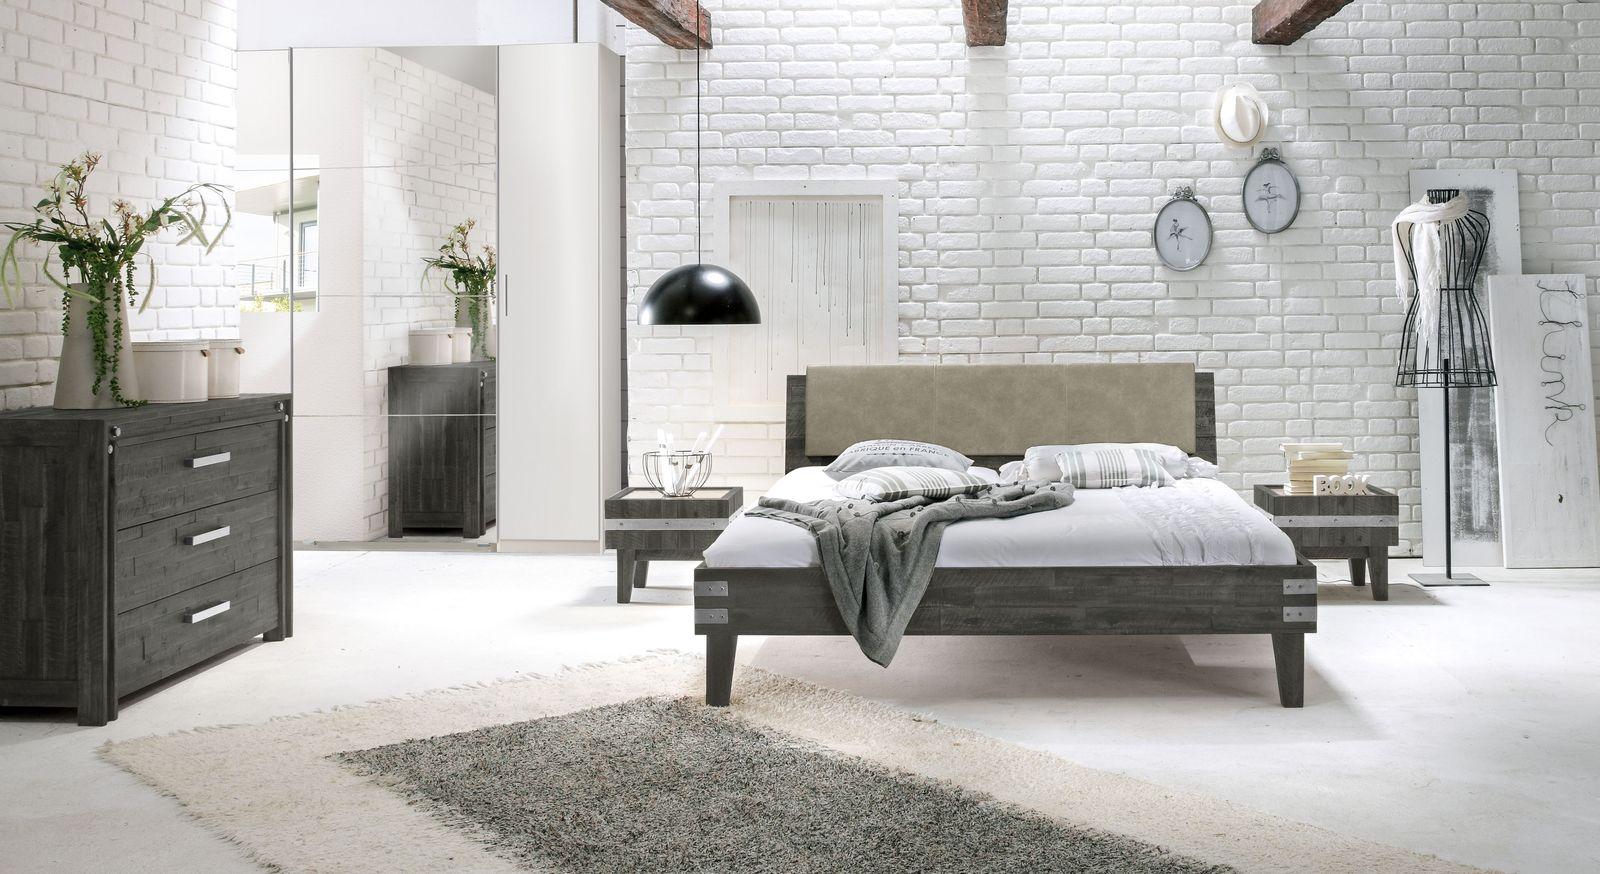 Schlafzimmer im Industrial Style und Look online kaufen | BETTEN.de